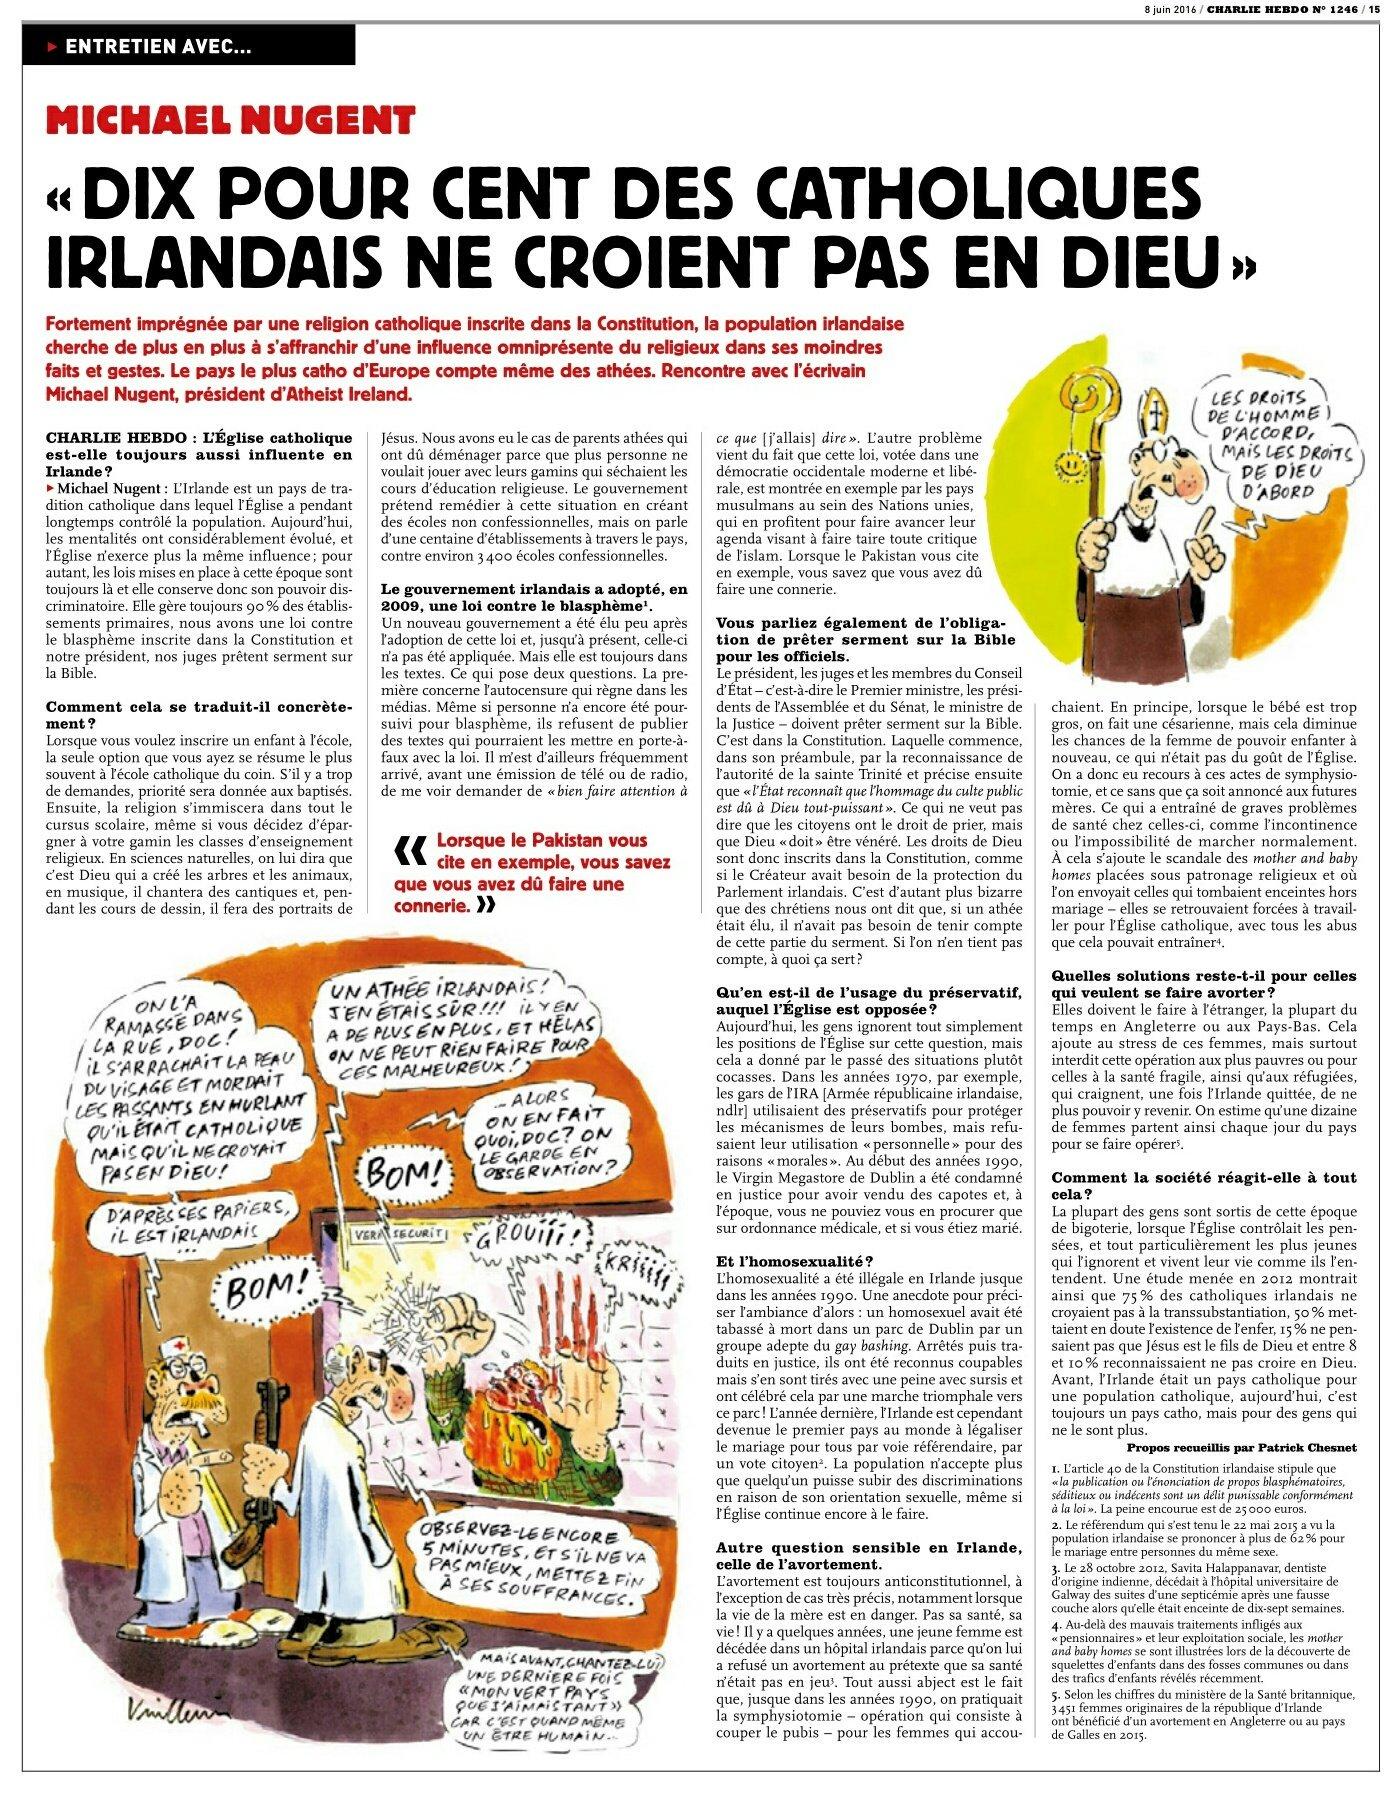 Charlie Hebdo Interview